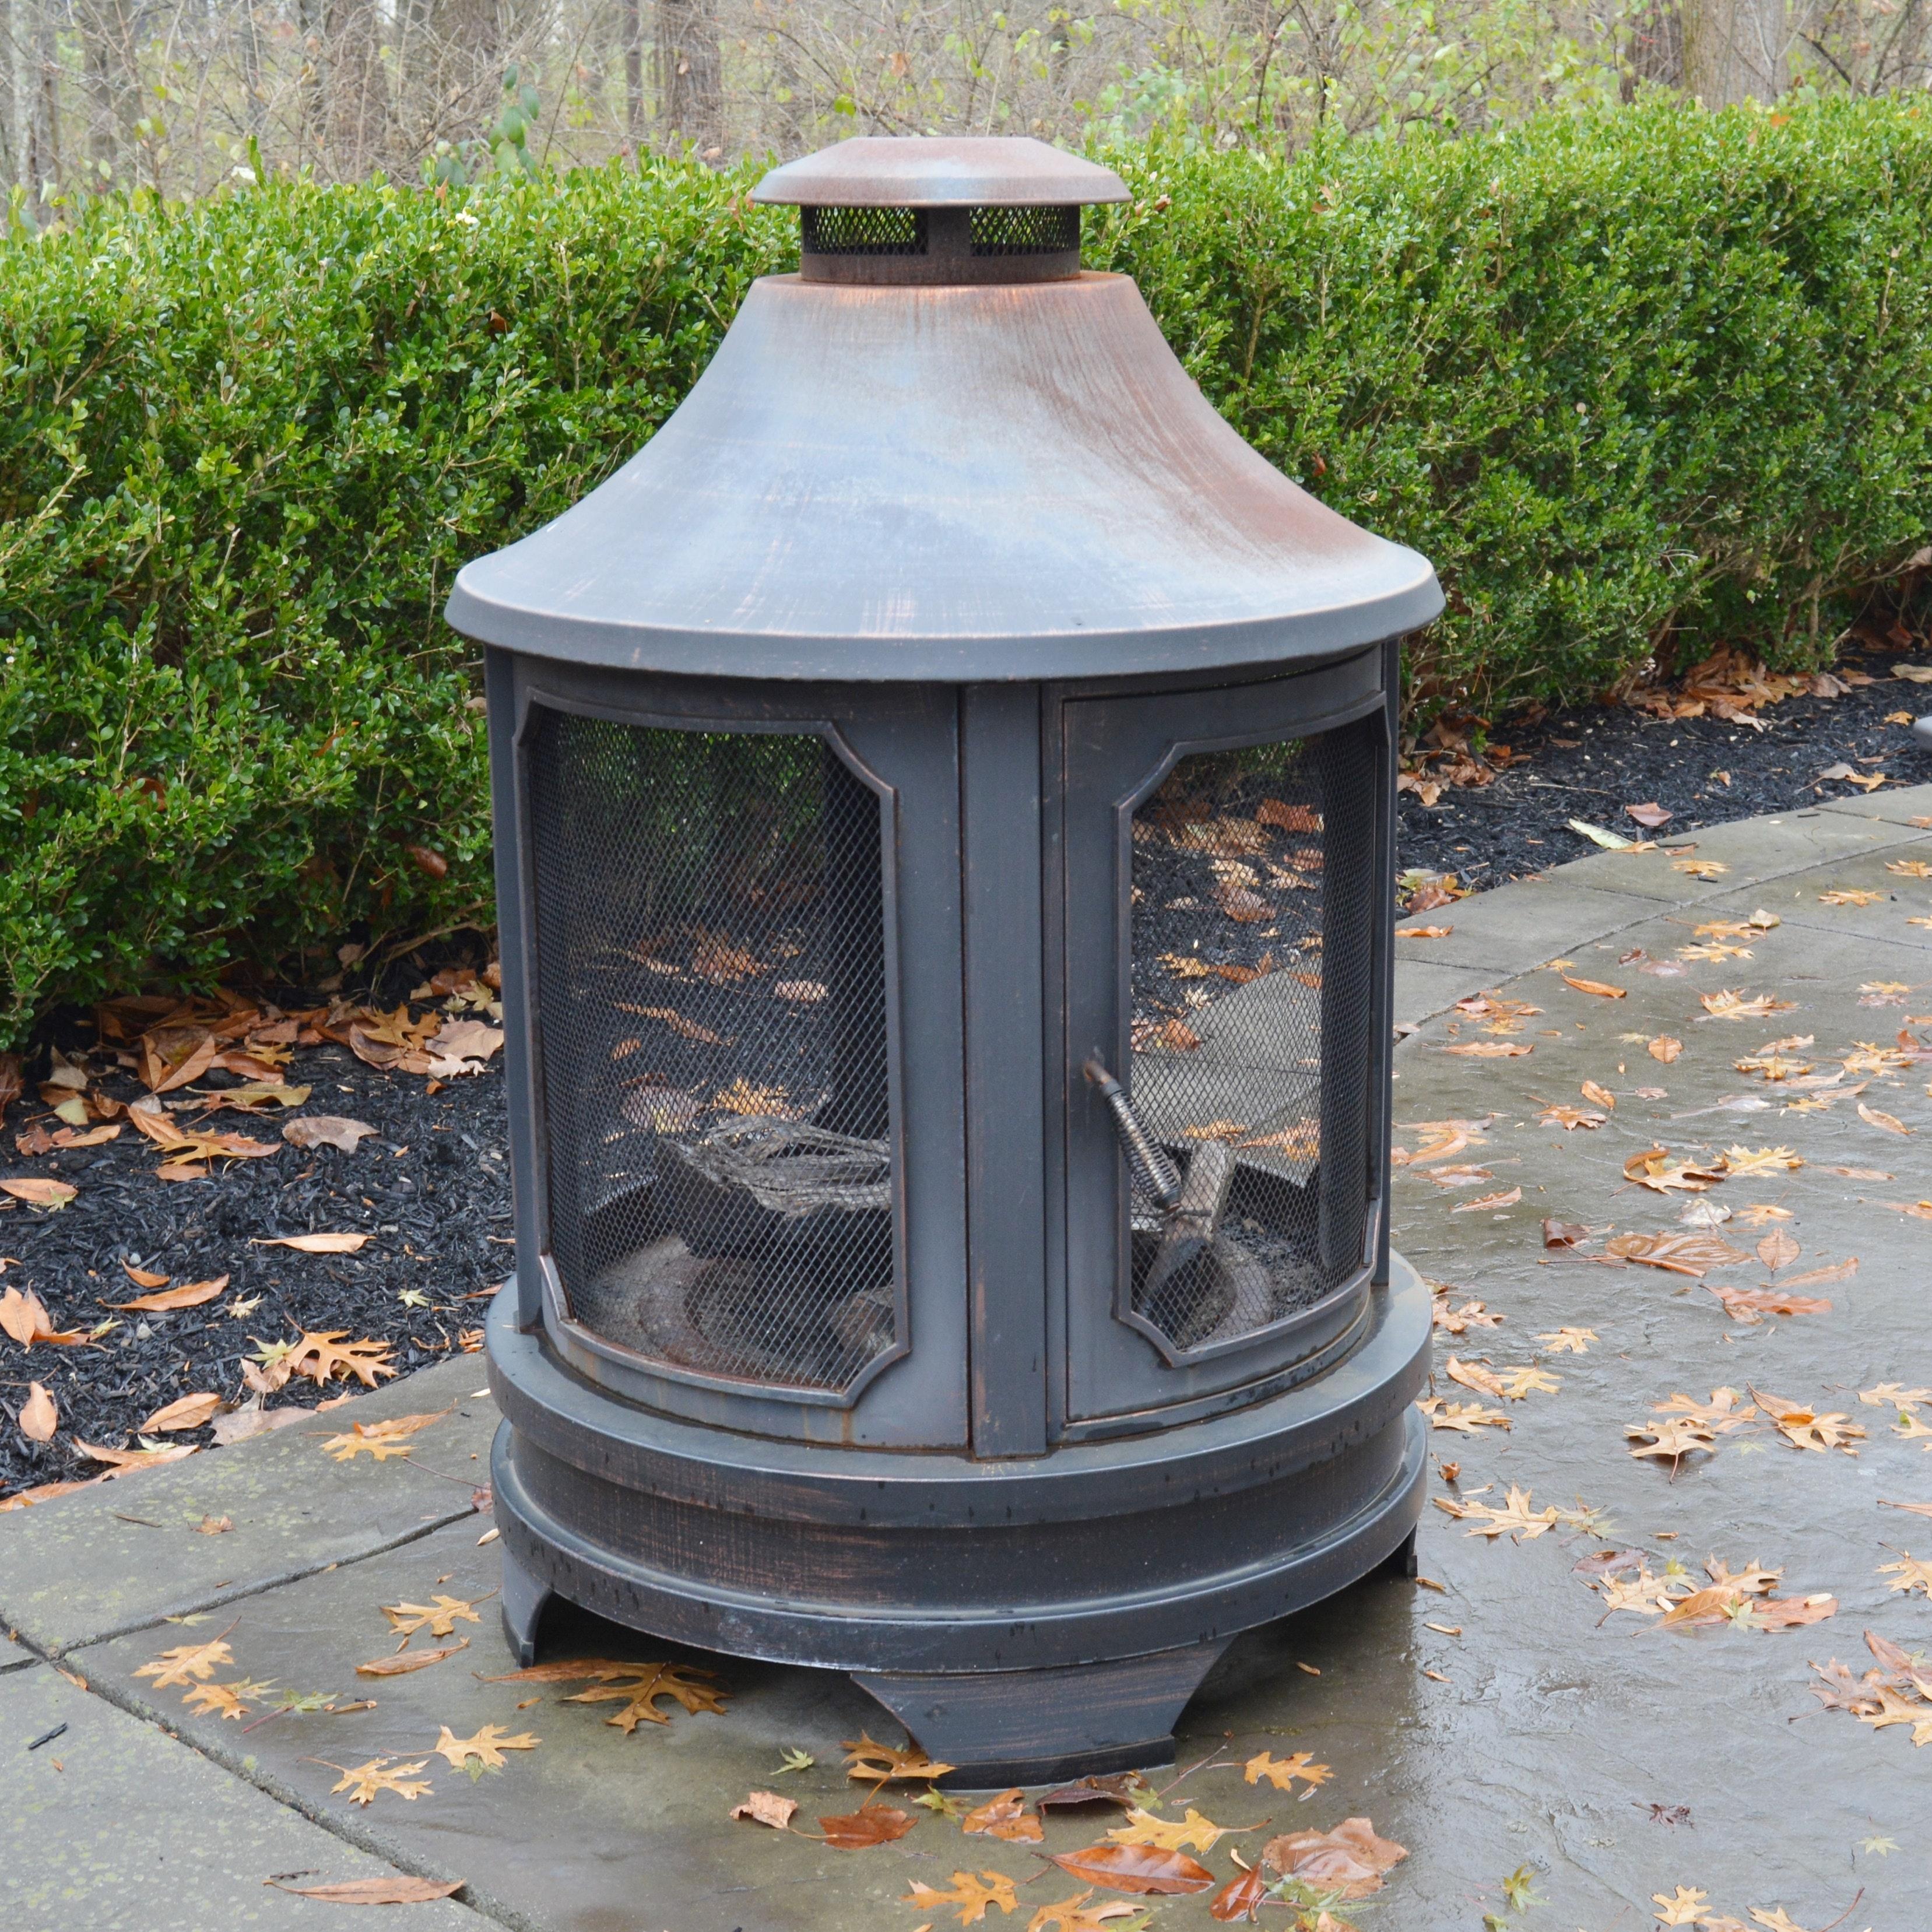 Round Lantern-Shaped Fire Pit